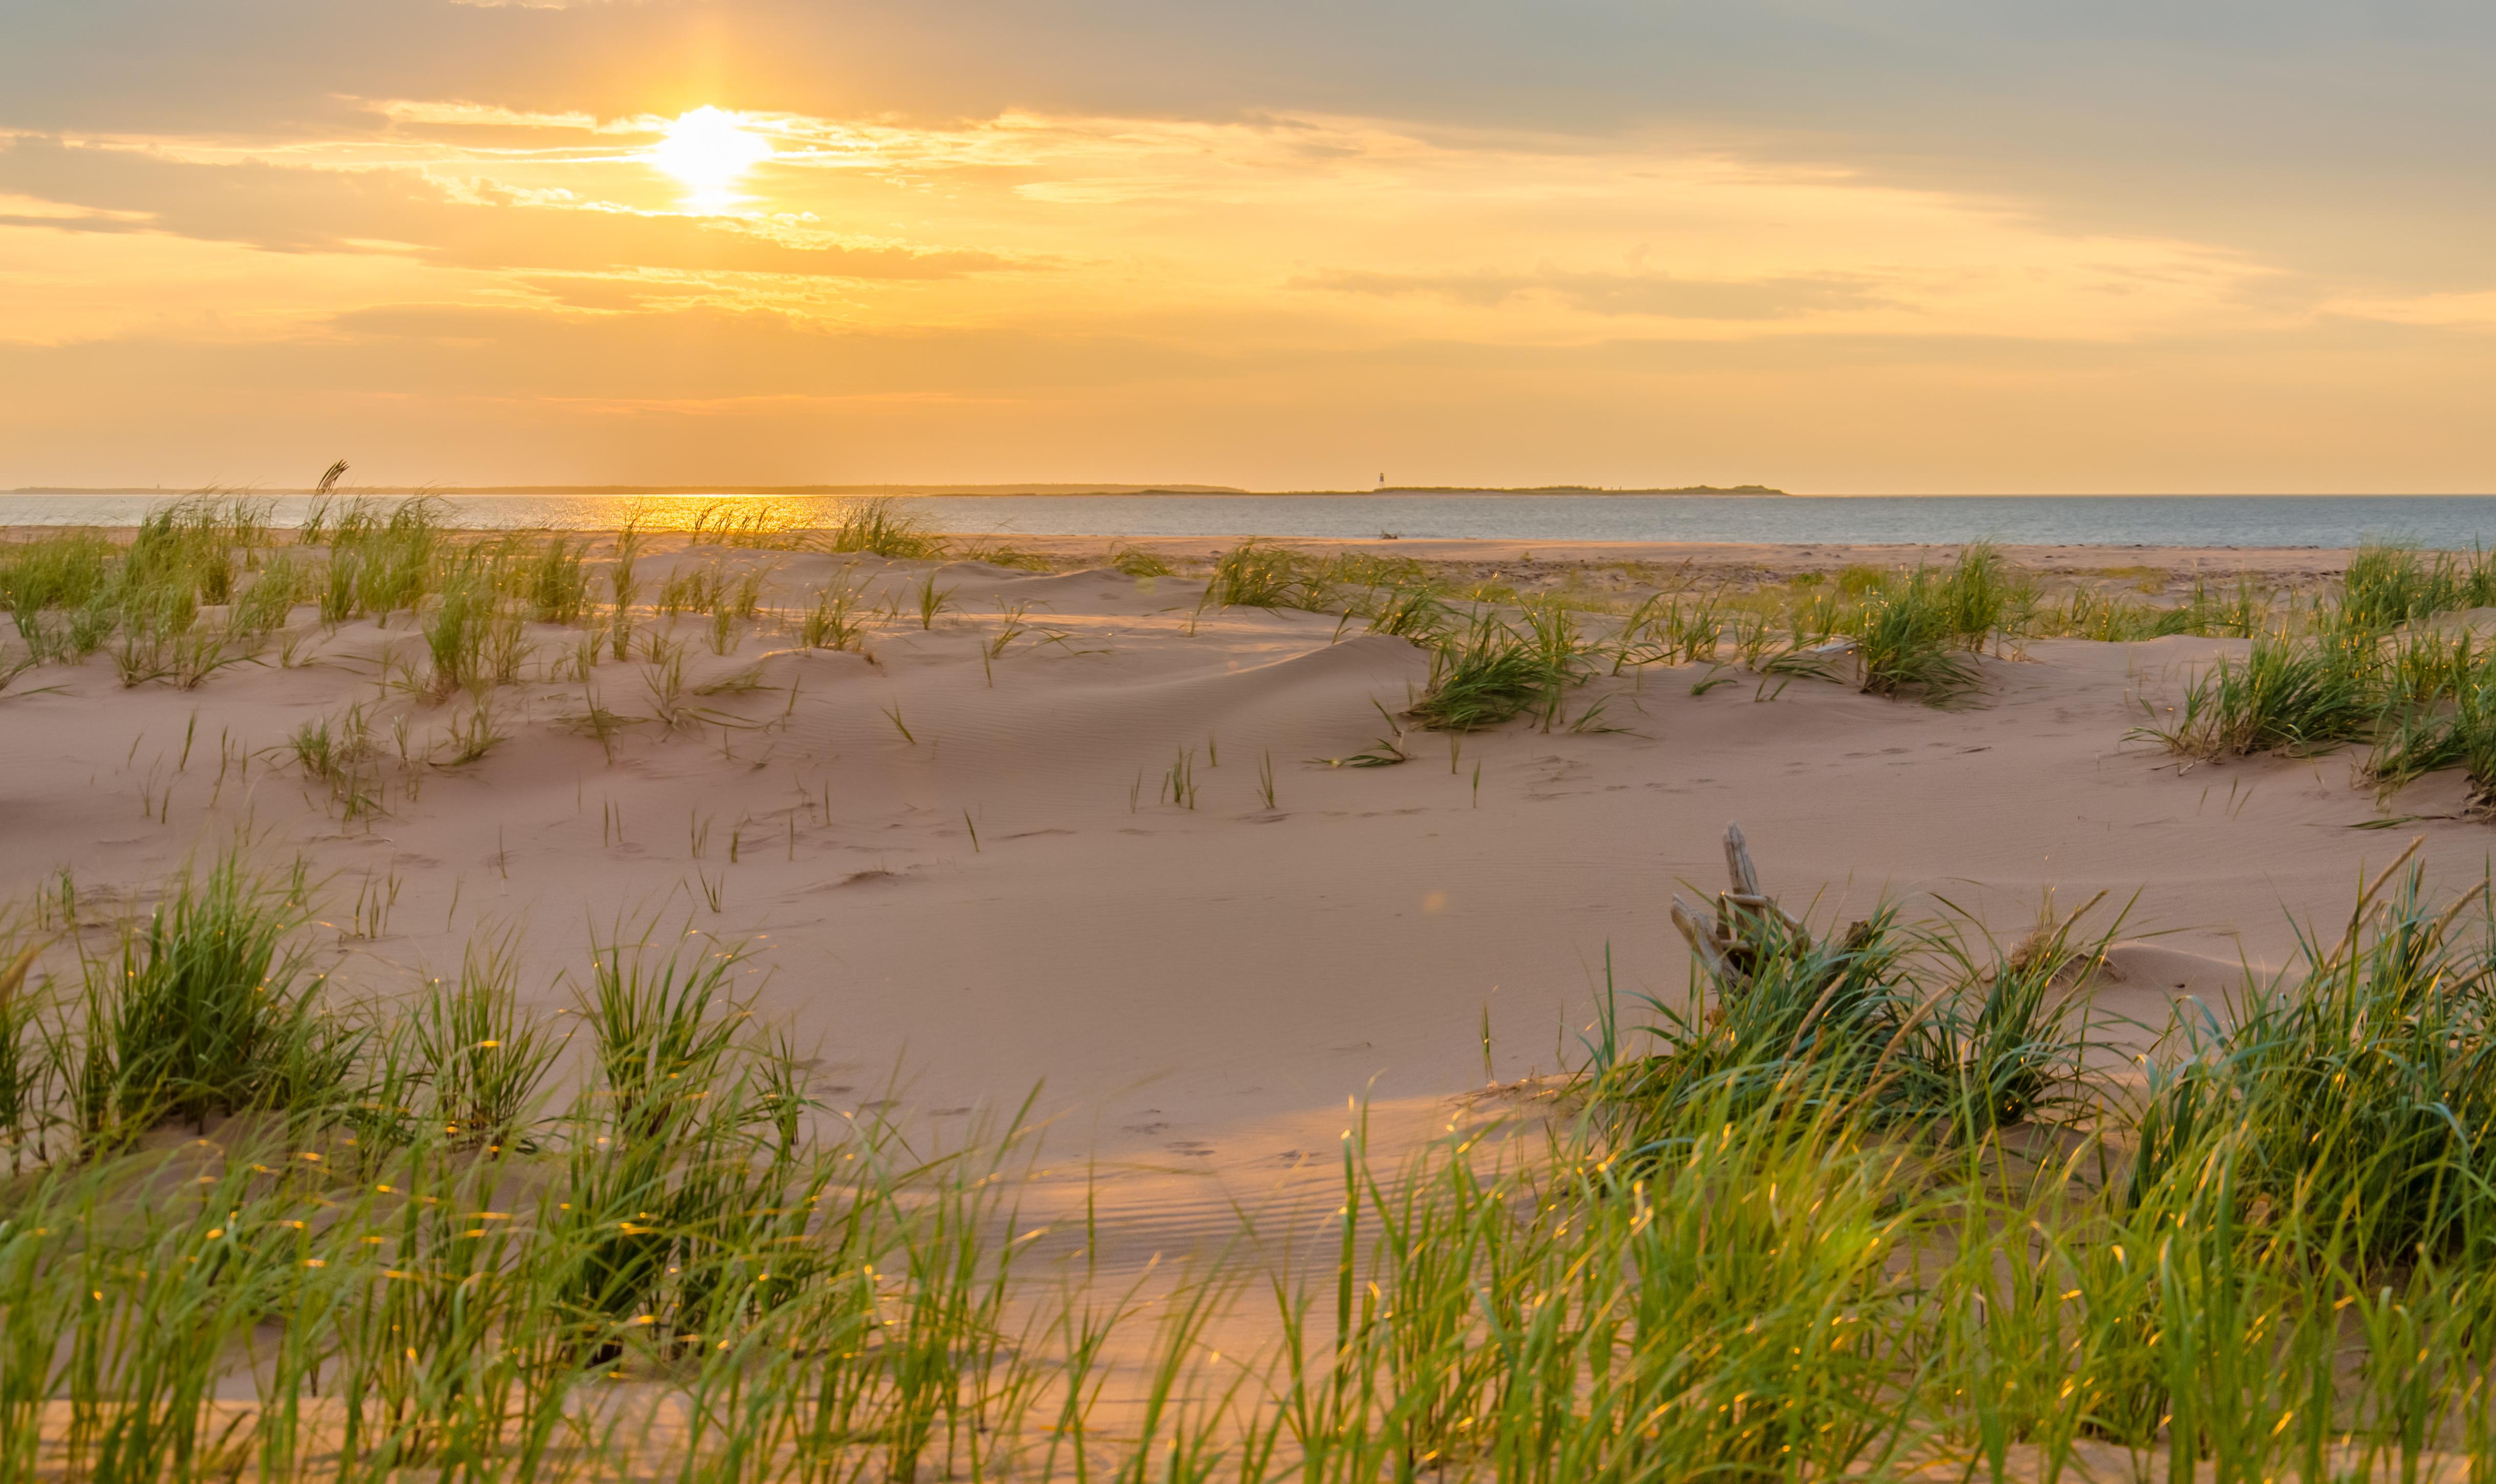 Profitt's Point Beach